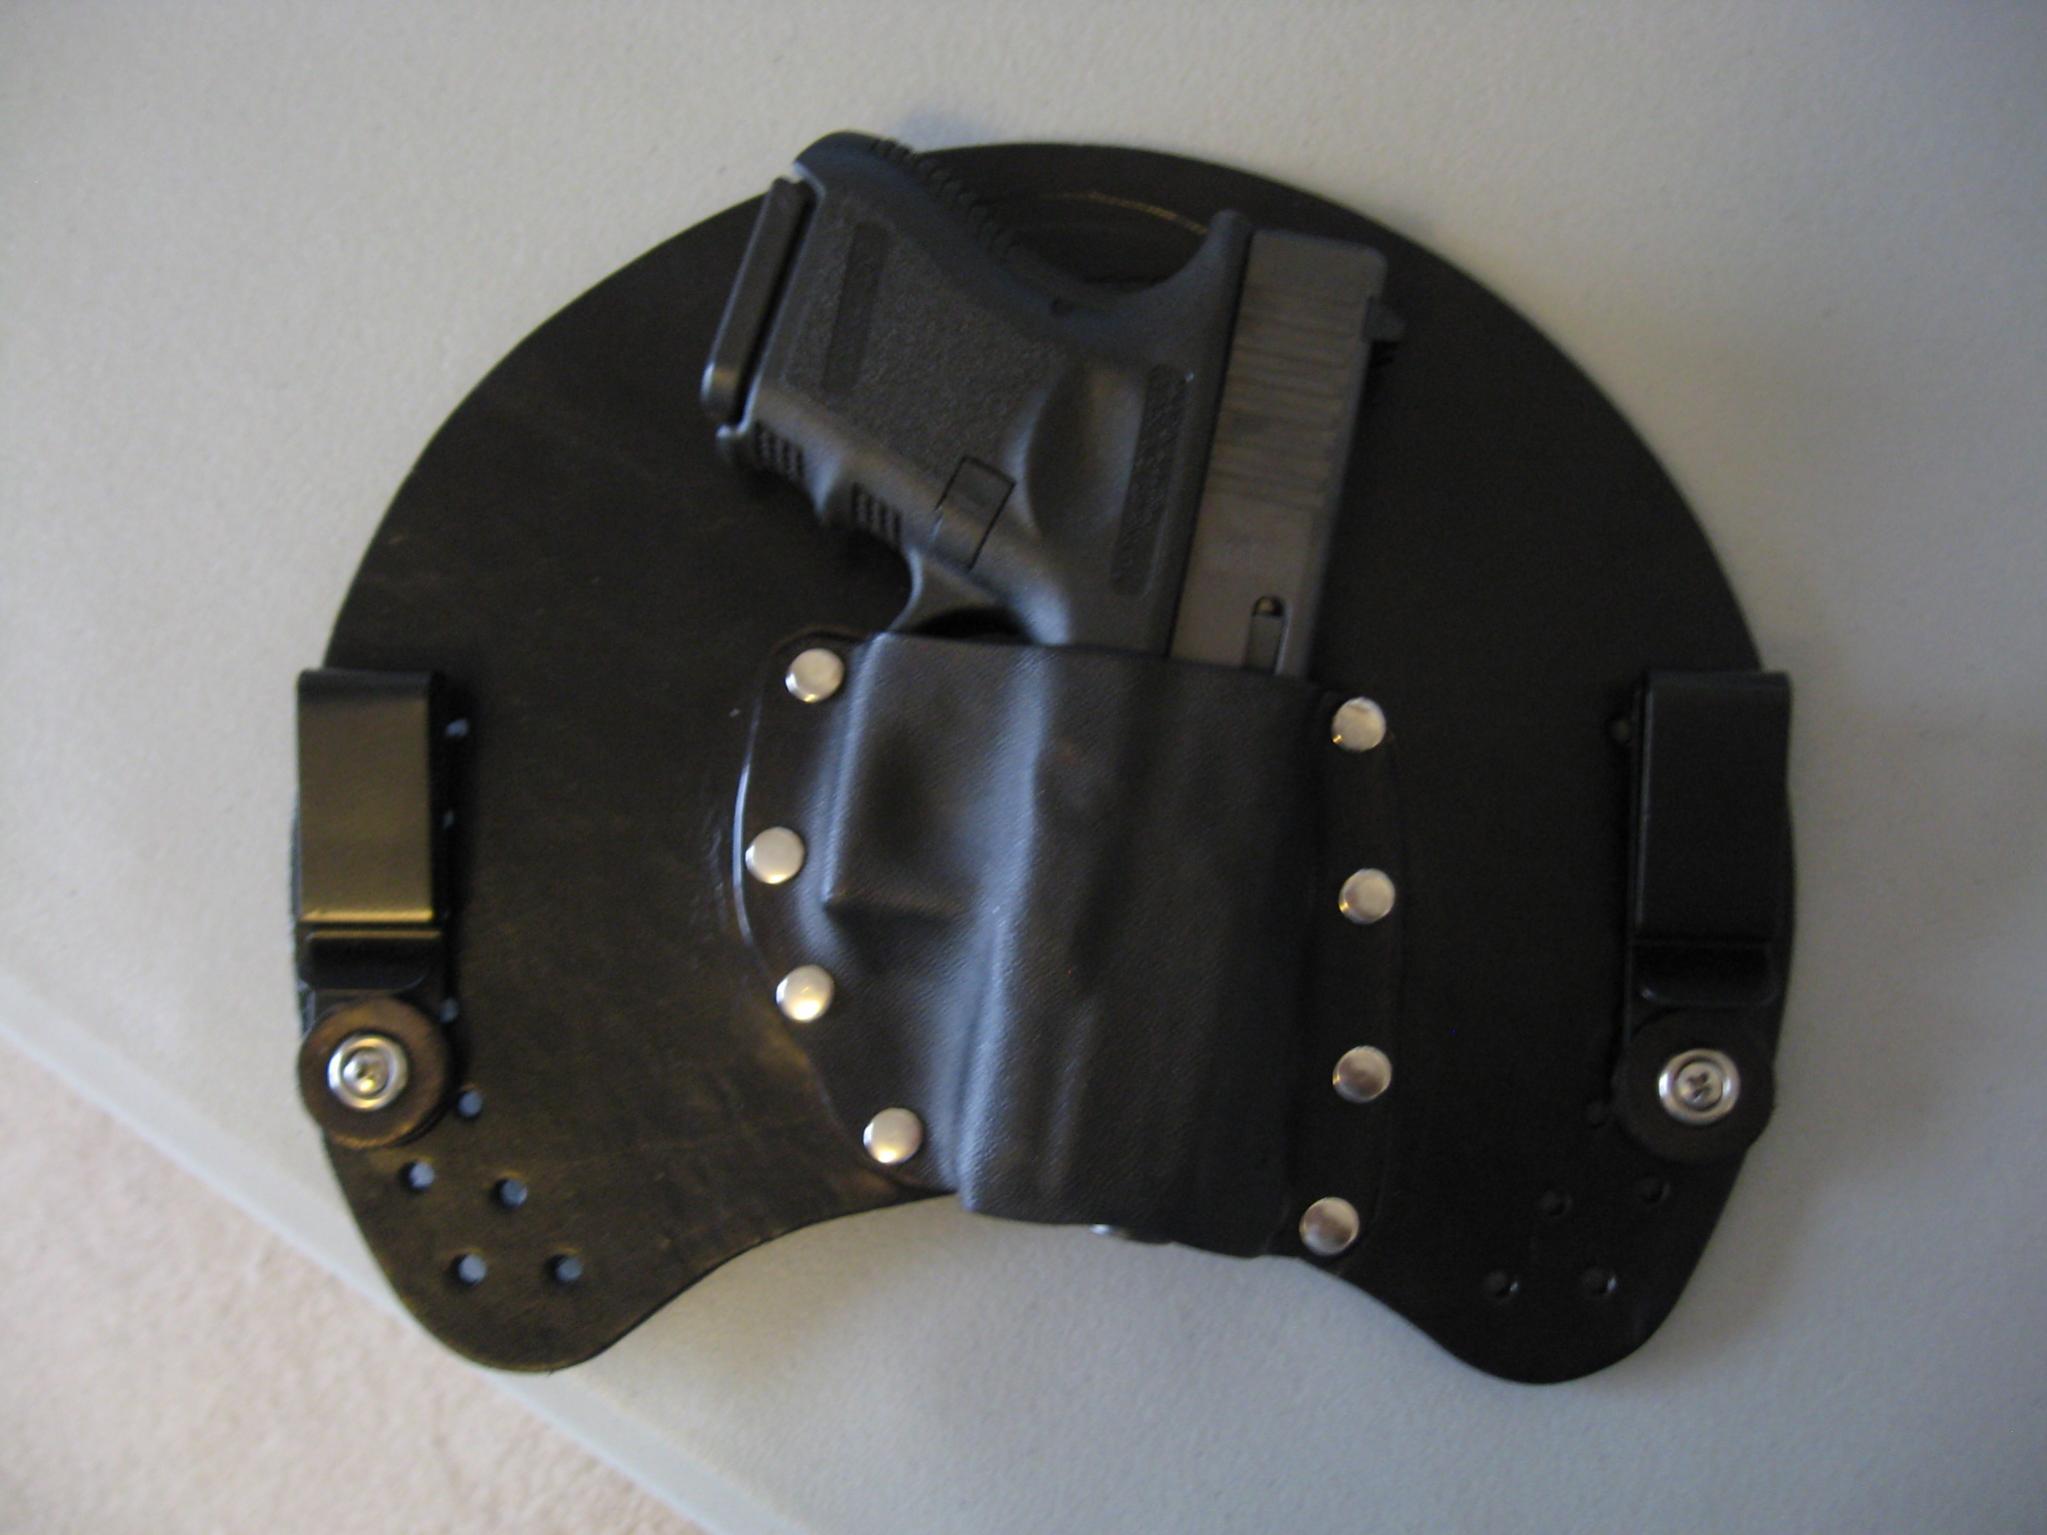 edc. iwb. holster for glock 23?-img_9105.jpg